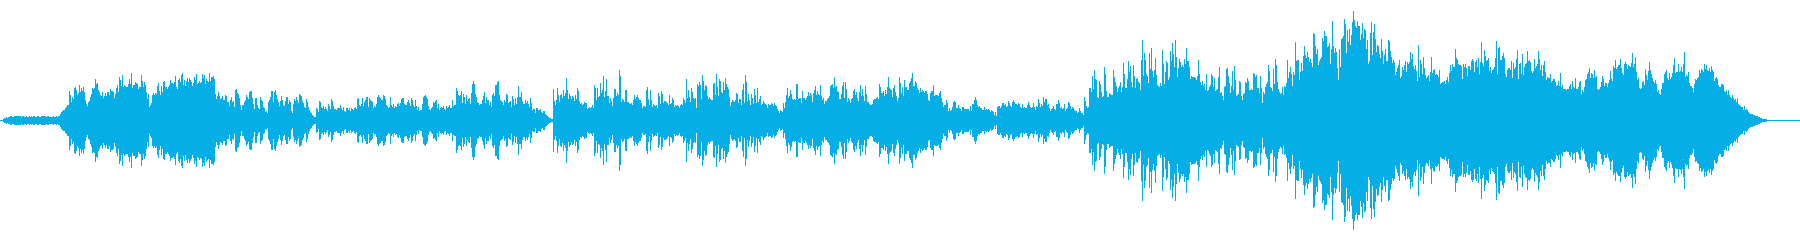 北国の厳しい冬を表現したピアノメインの曲の再生済みの波形